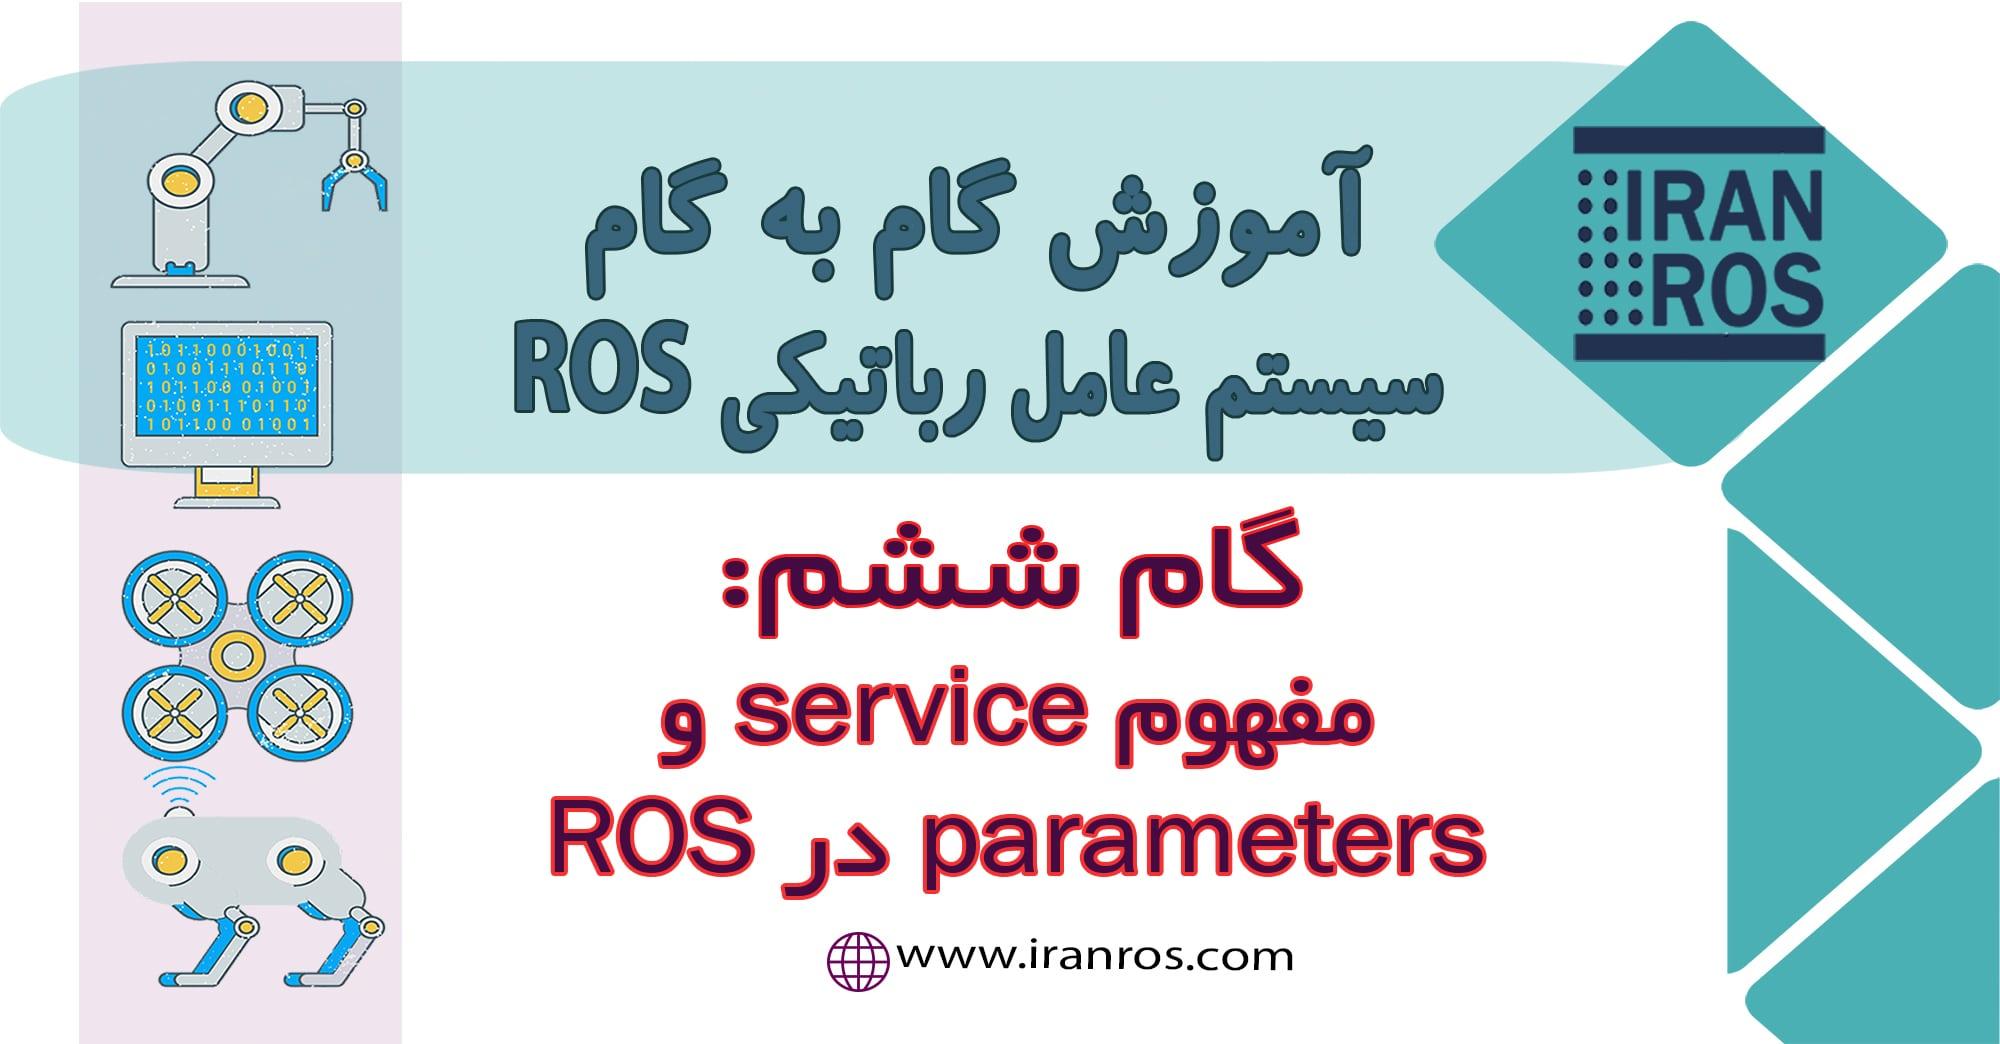 مفهوم service و parameters در ROS